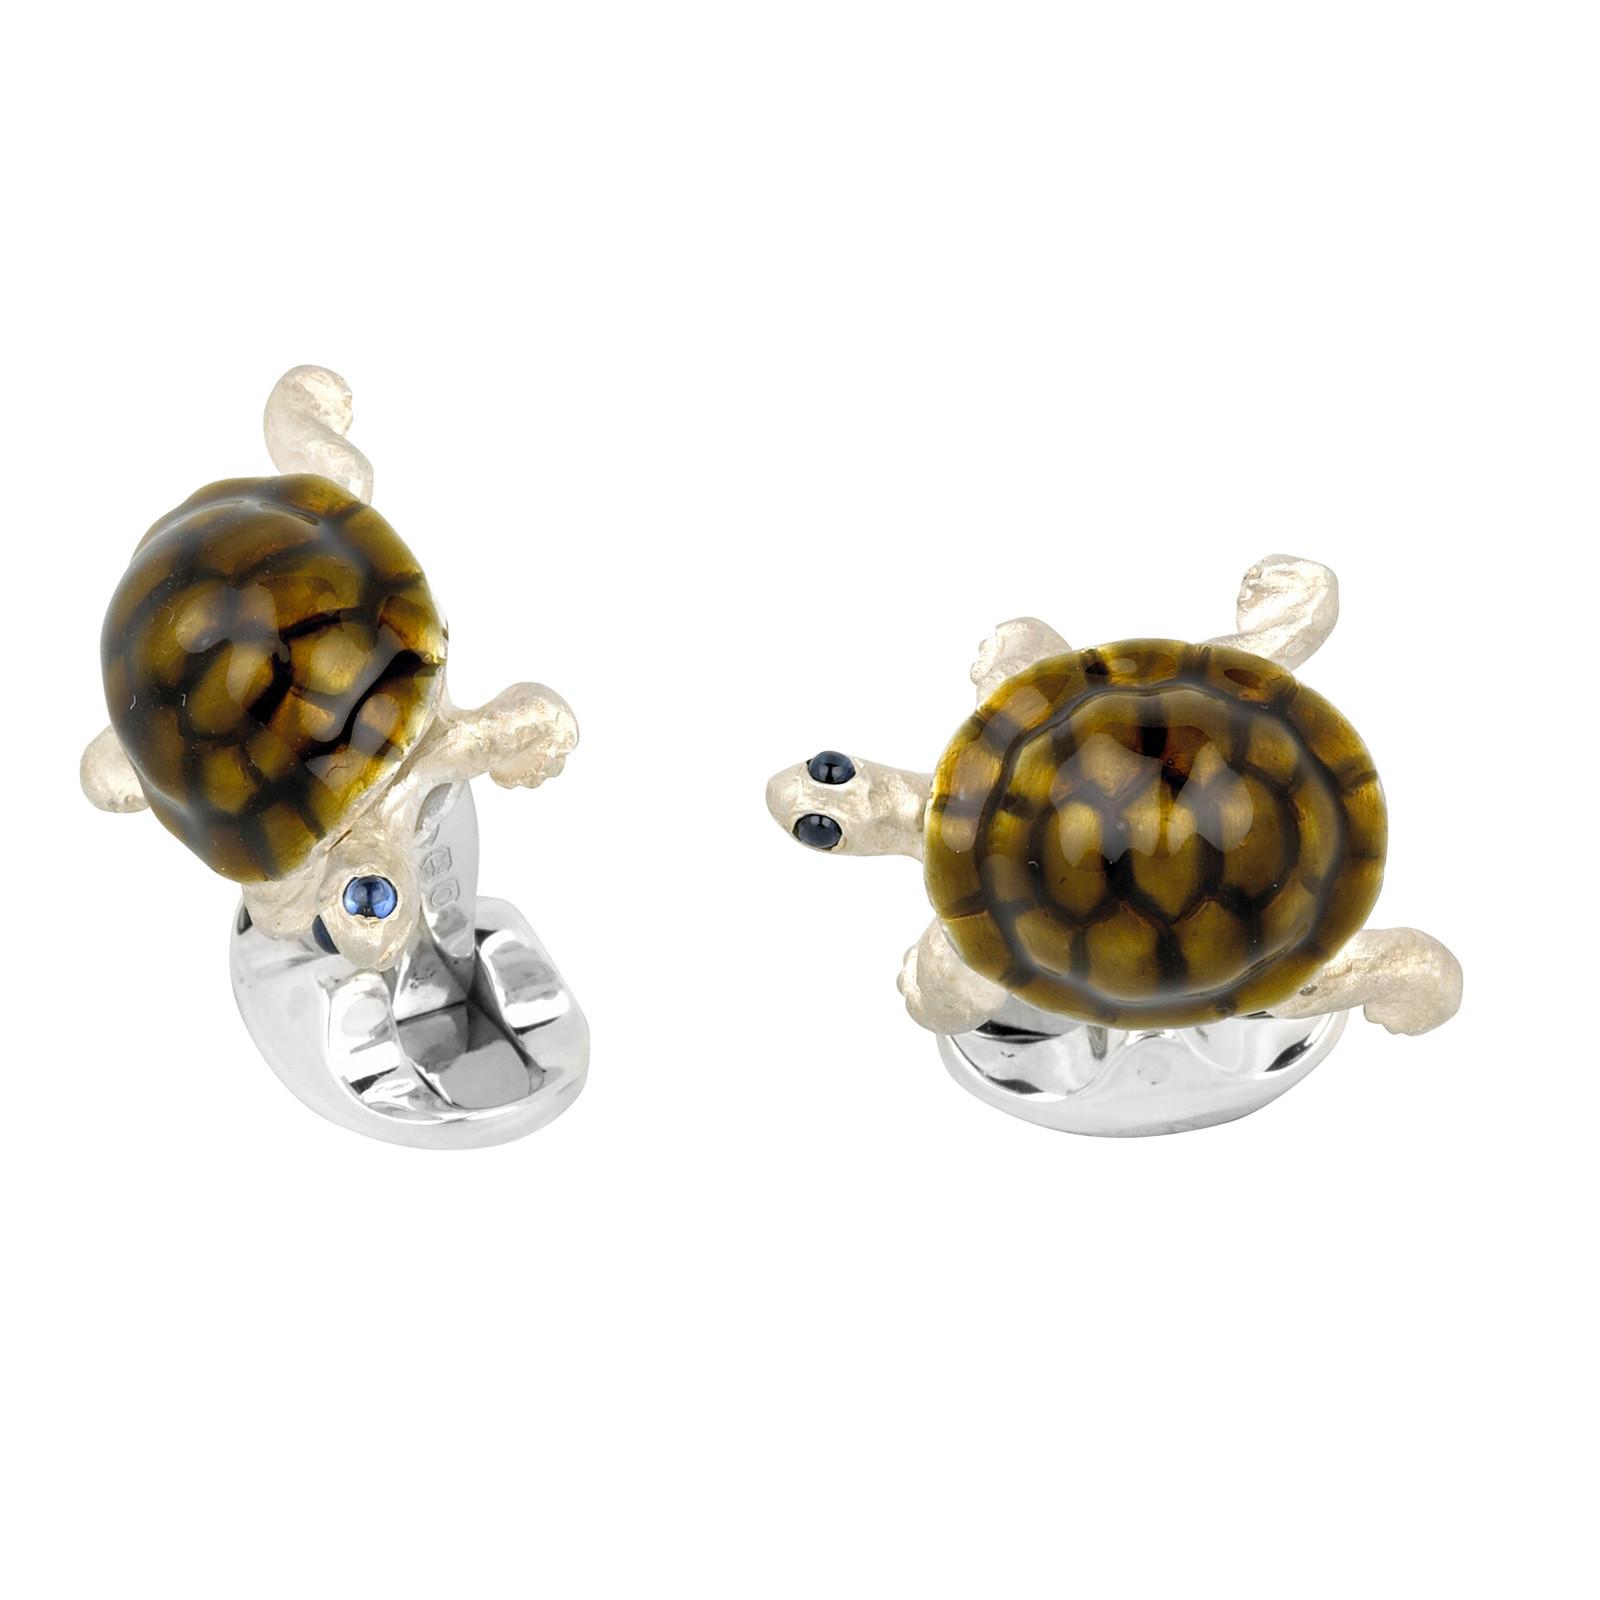 New Deakin & Francis Tortoise Cufflinks